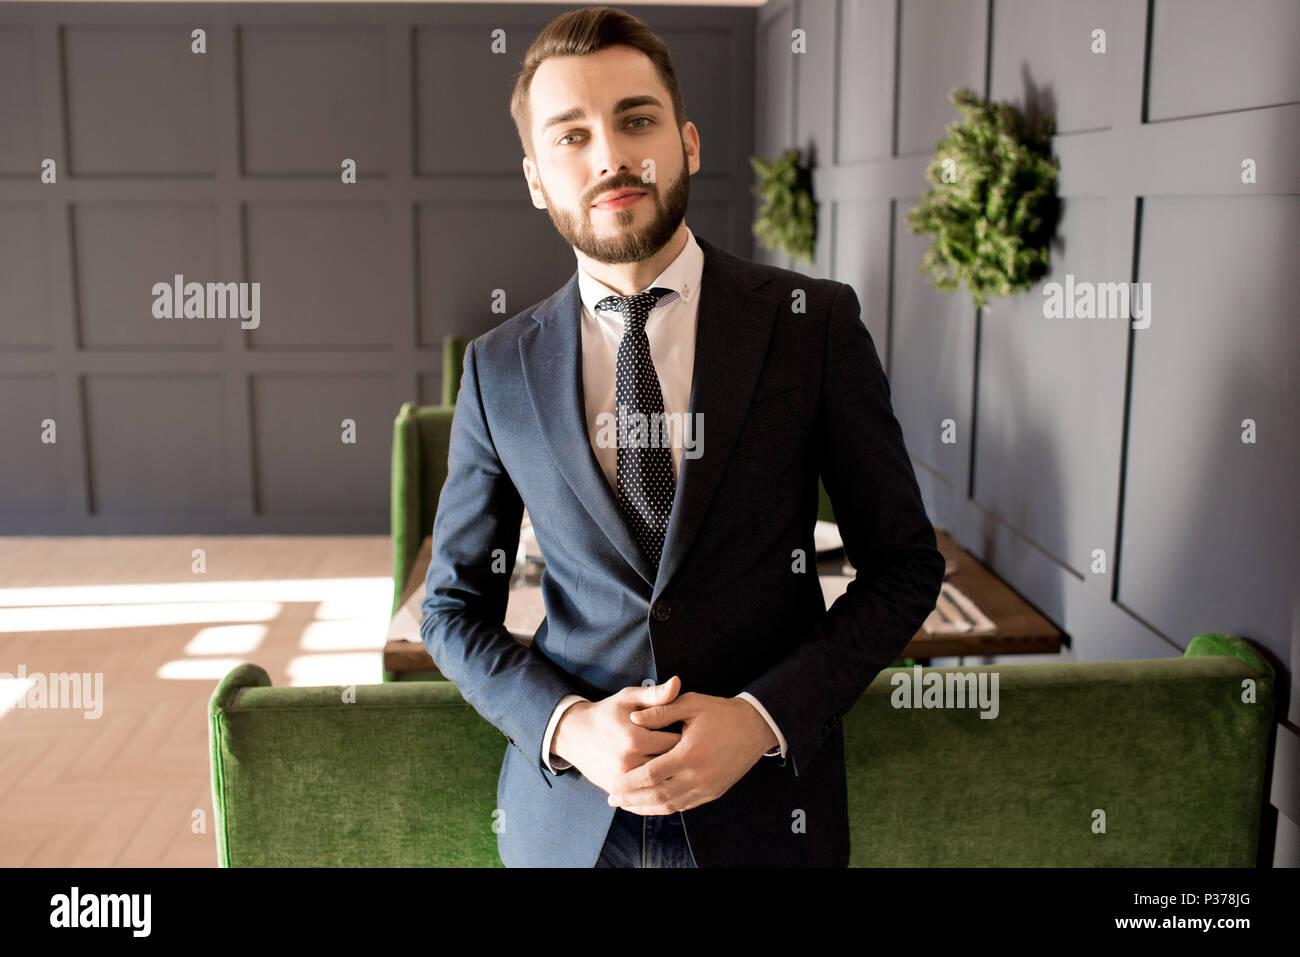 Ernsthafte erfolgreicher Geschäftsmann in der Lobby Stockbild